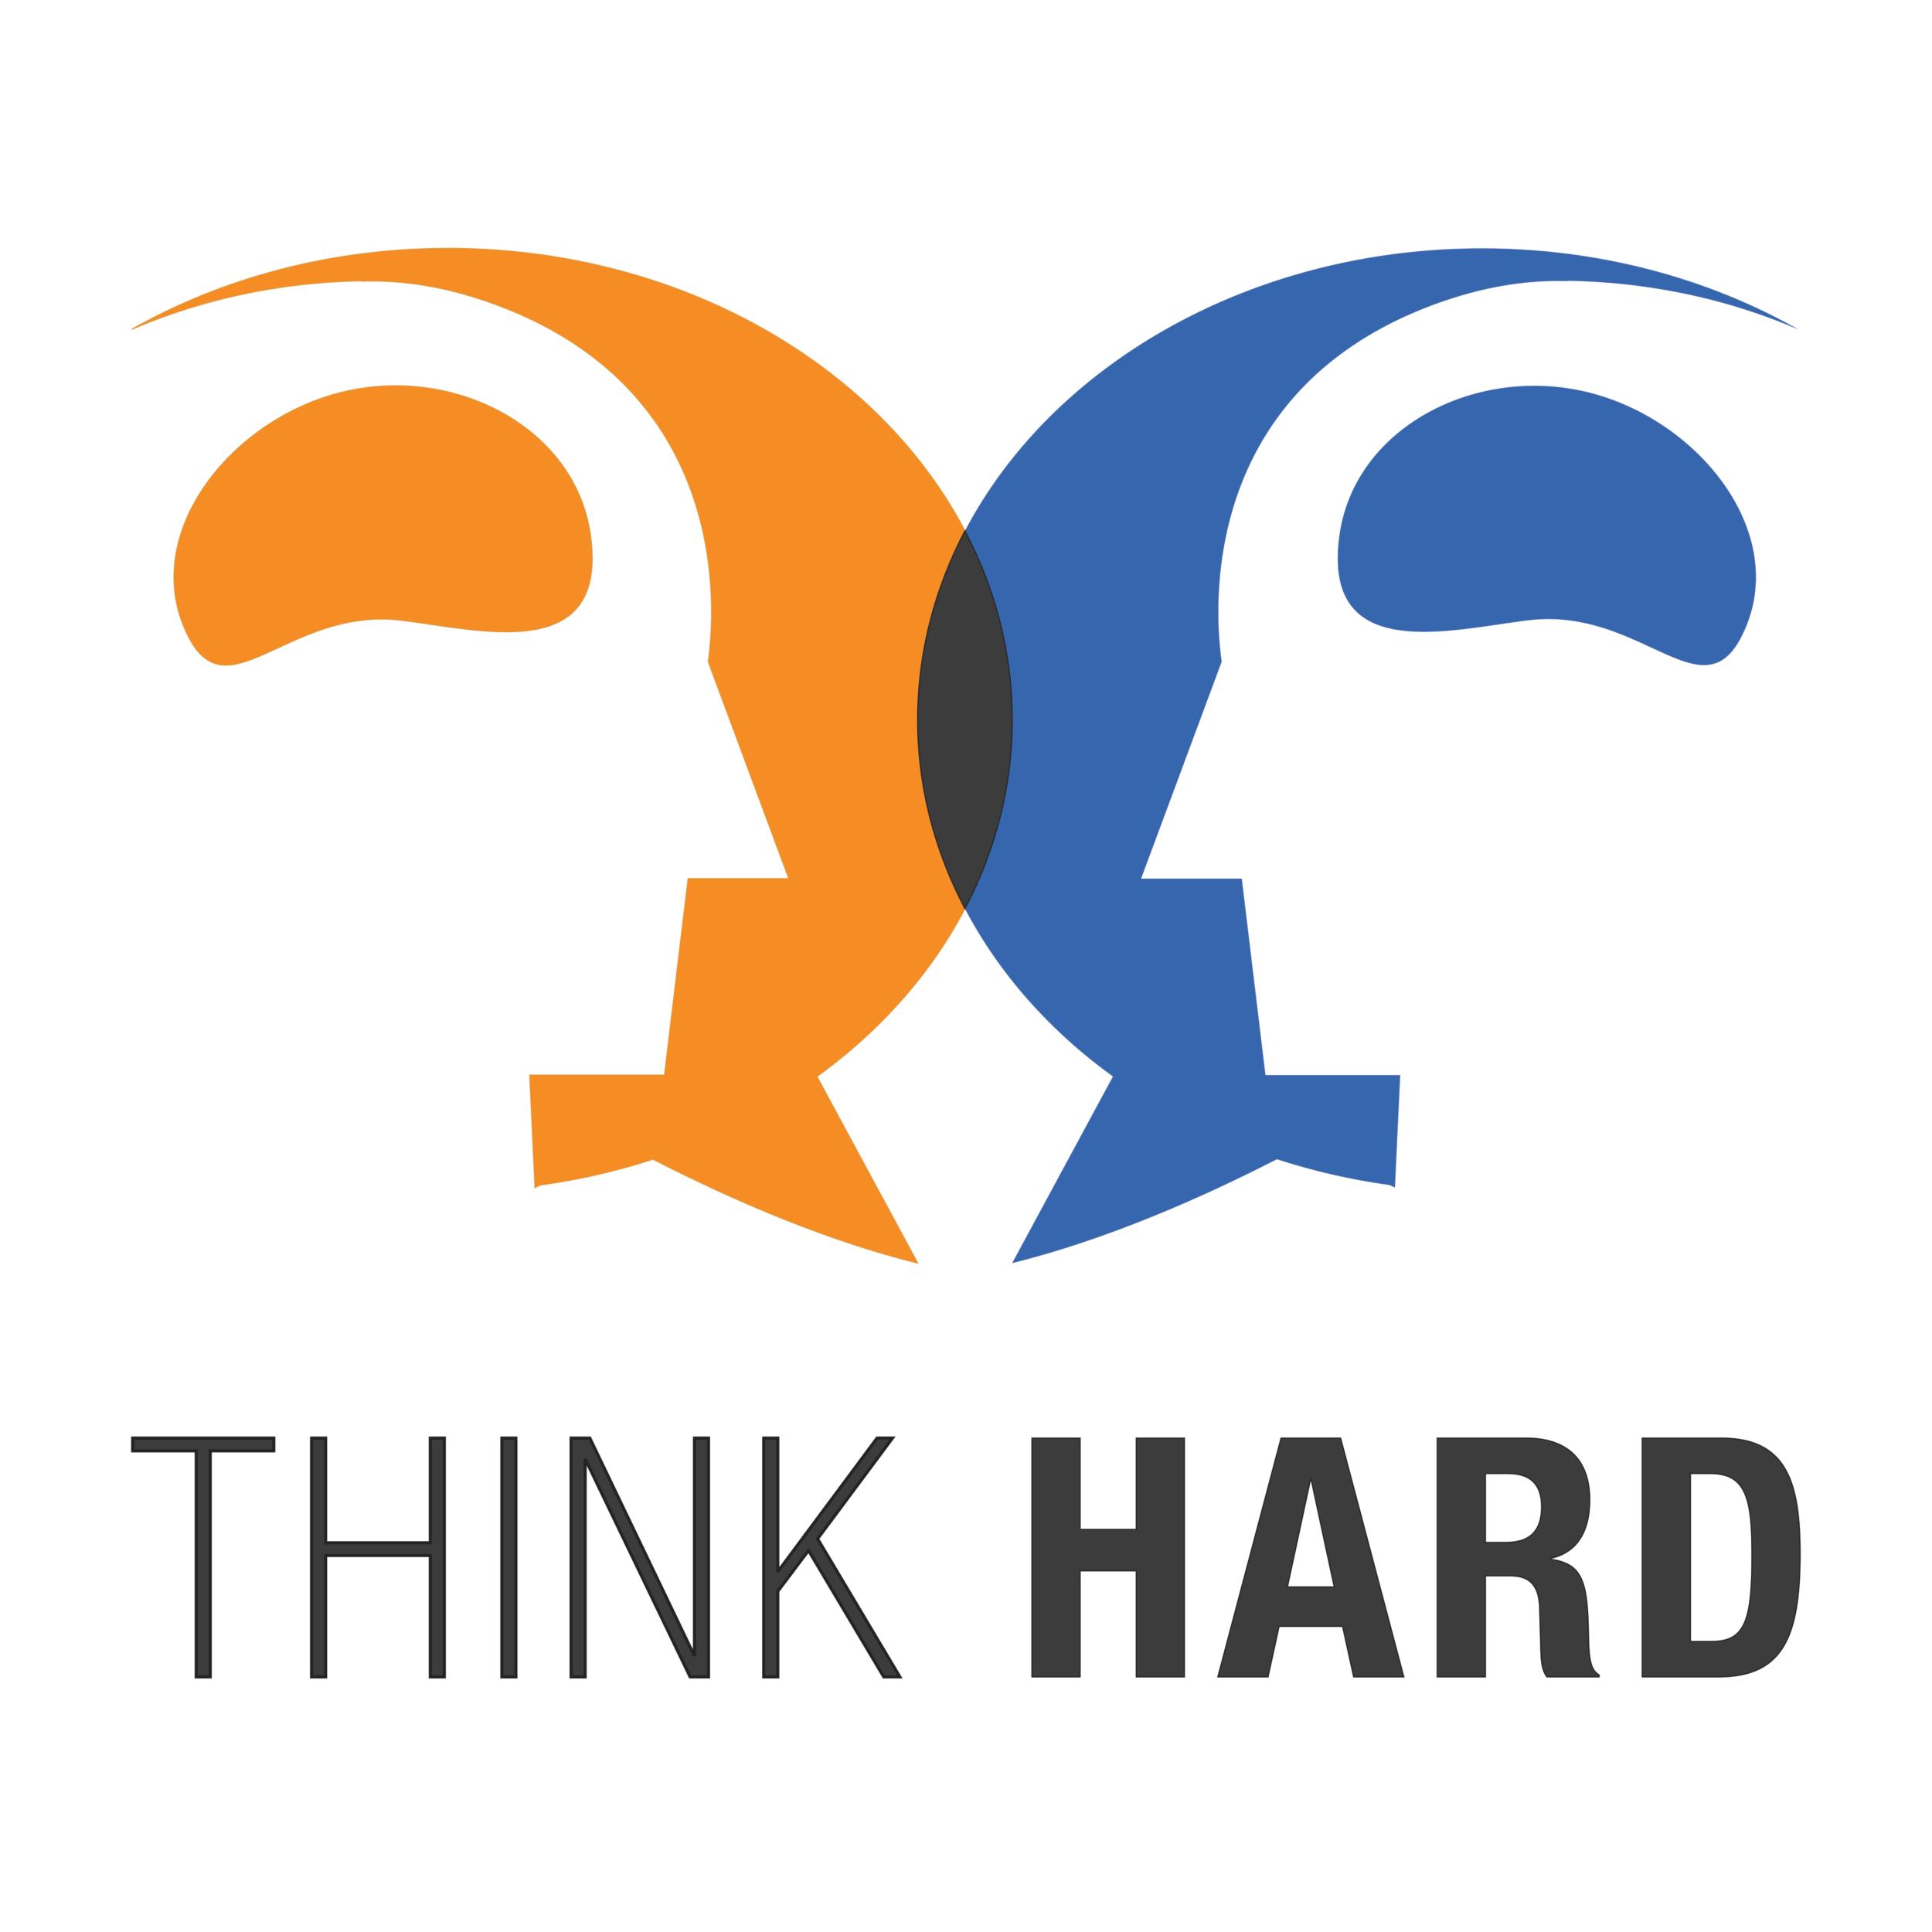 ThinkHardLogo_TwoHeads_v06.png